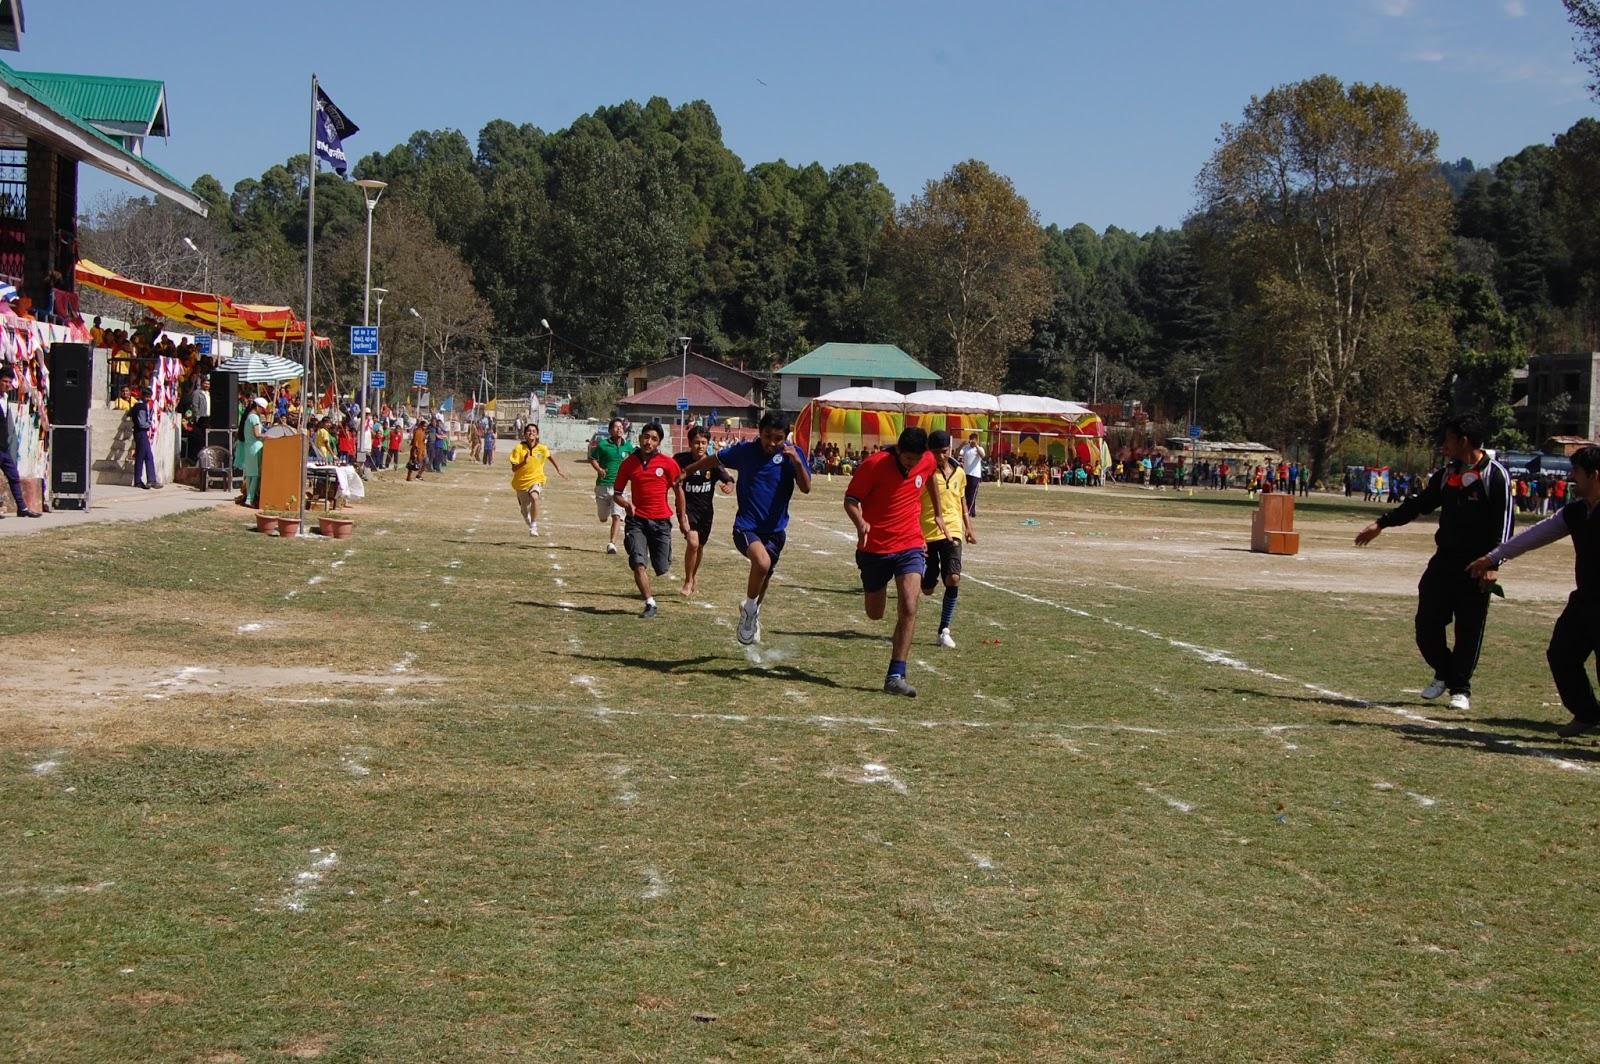 kvs regional sports meet 2012 jammu region